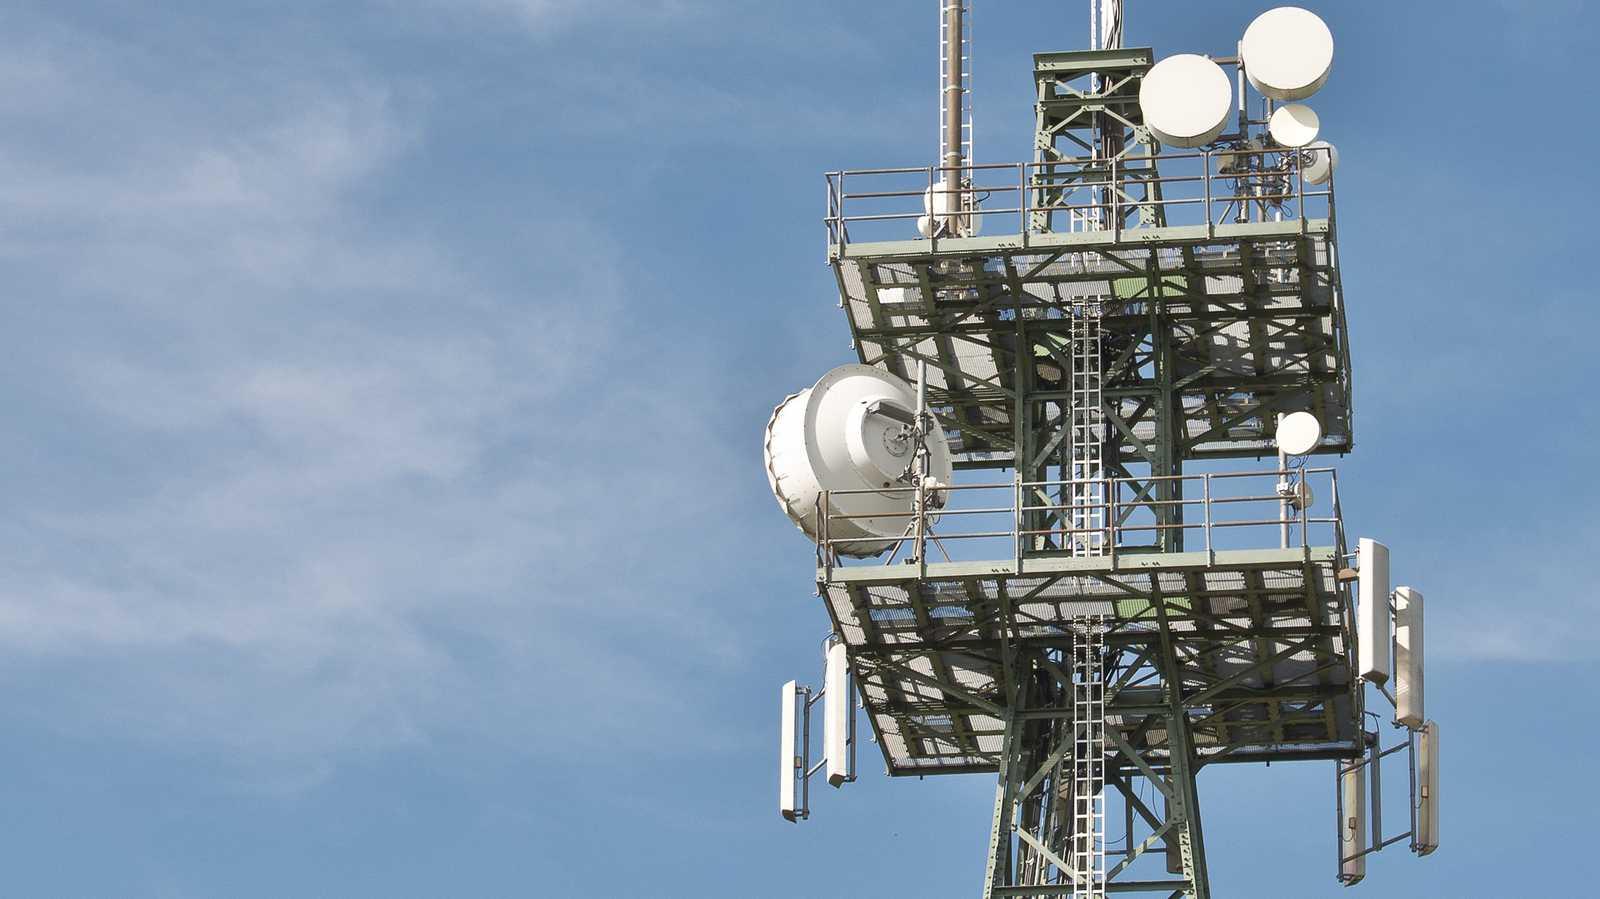 Bundeskartellamt: Mobilfunk-Oligopol bei 5G nicht zementieren